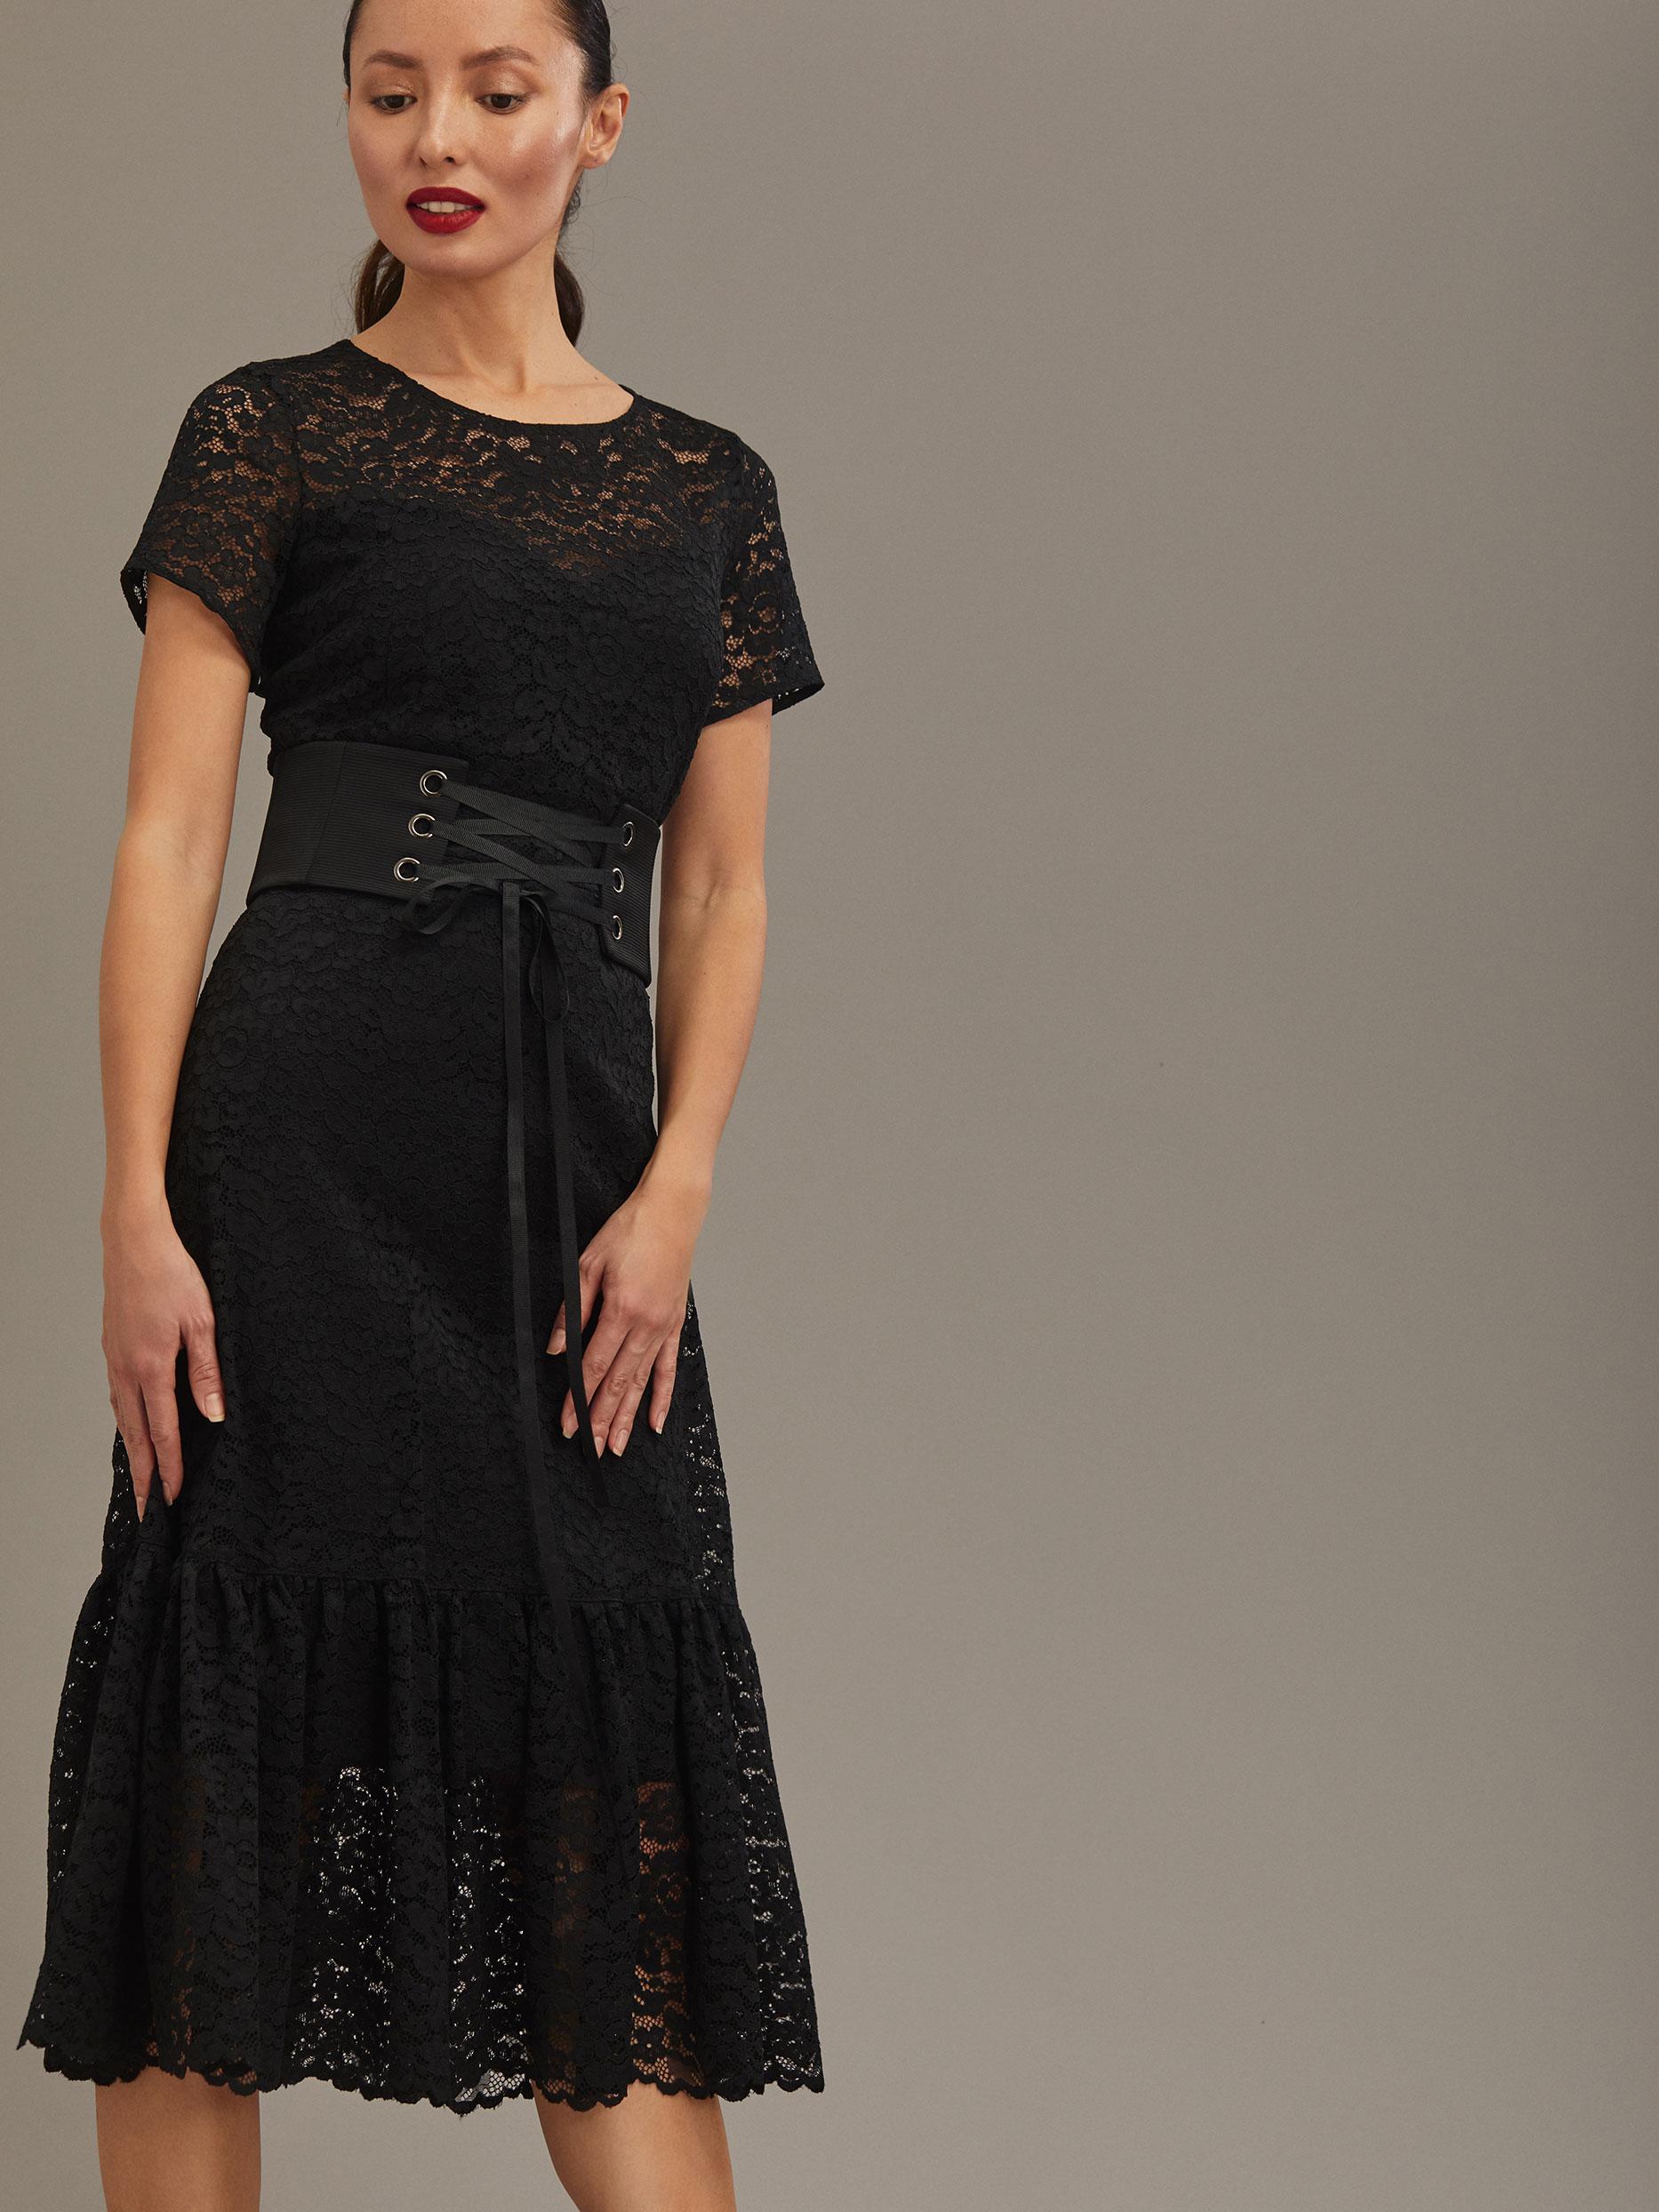 Кружевное платье фото